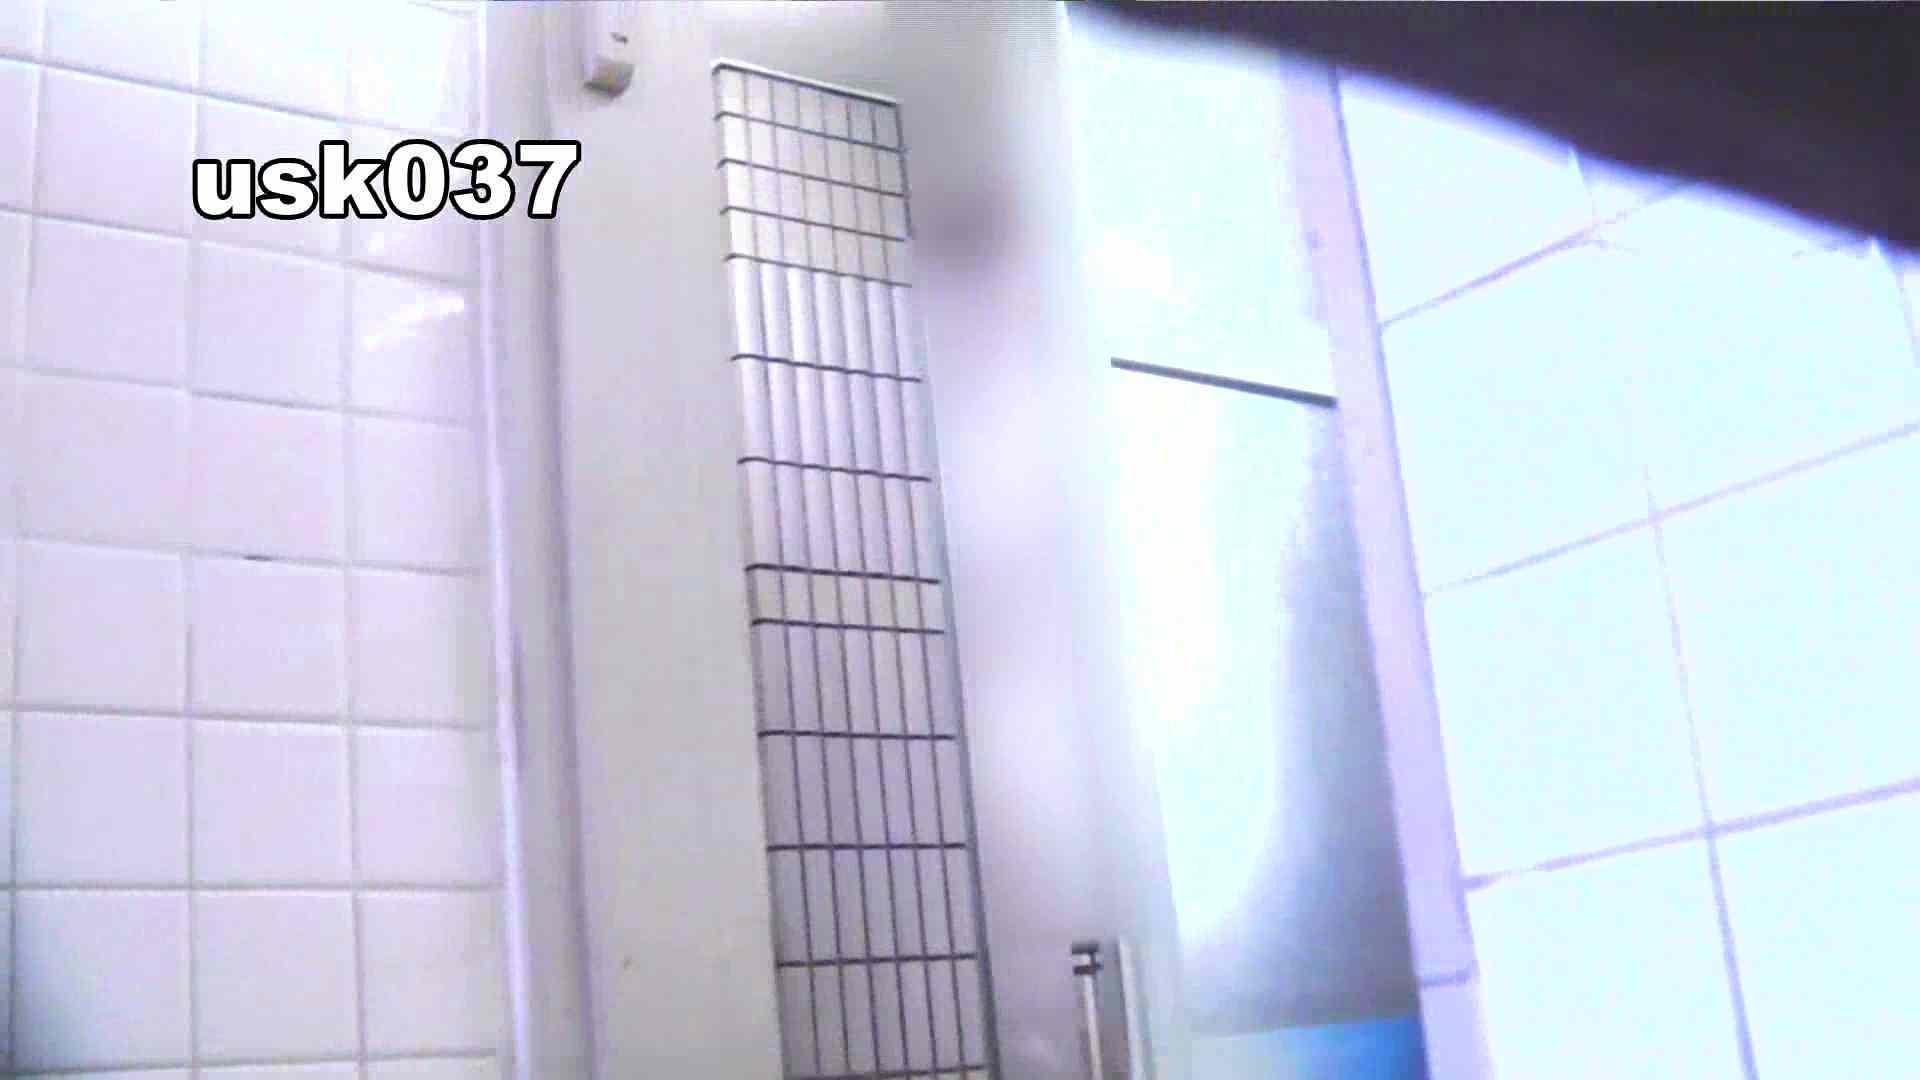 巨乳おまんこ:【美しき個室な世界】 vol.037 ひねり出す様子(フトイです):怪盗ジョーカー